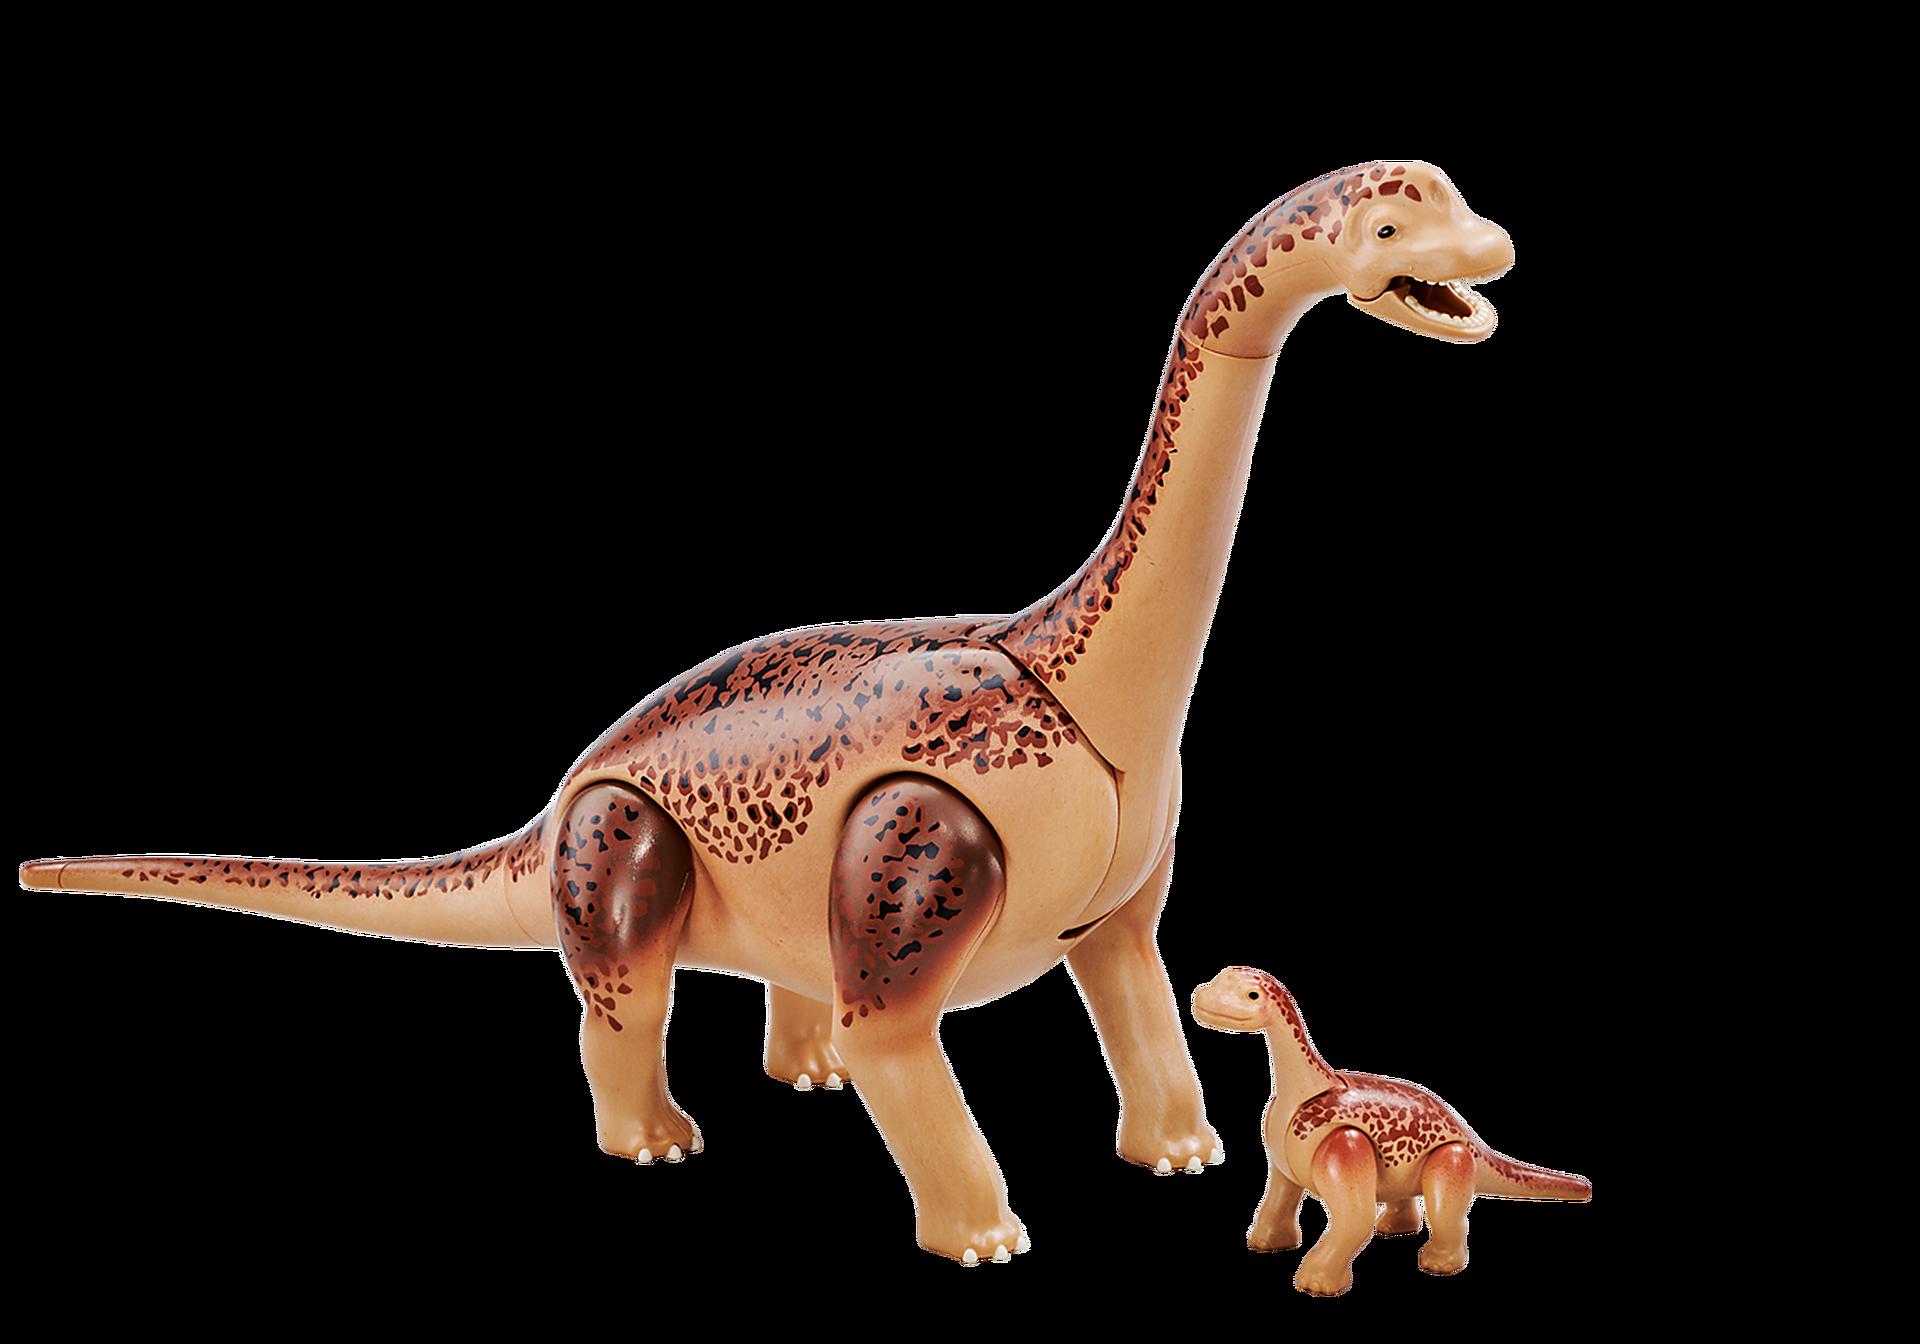 6595 Brachiozaur z młodym dinozaurem zoom image1